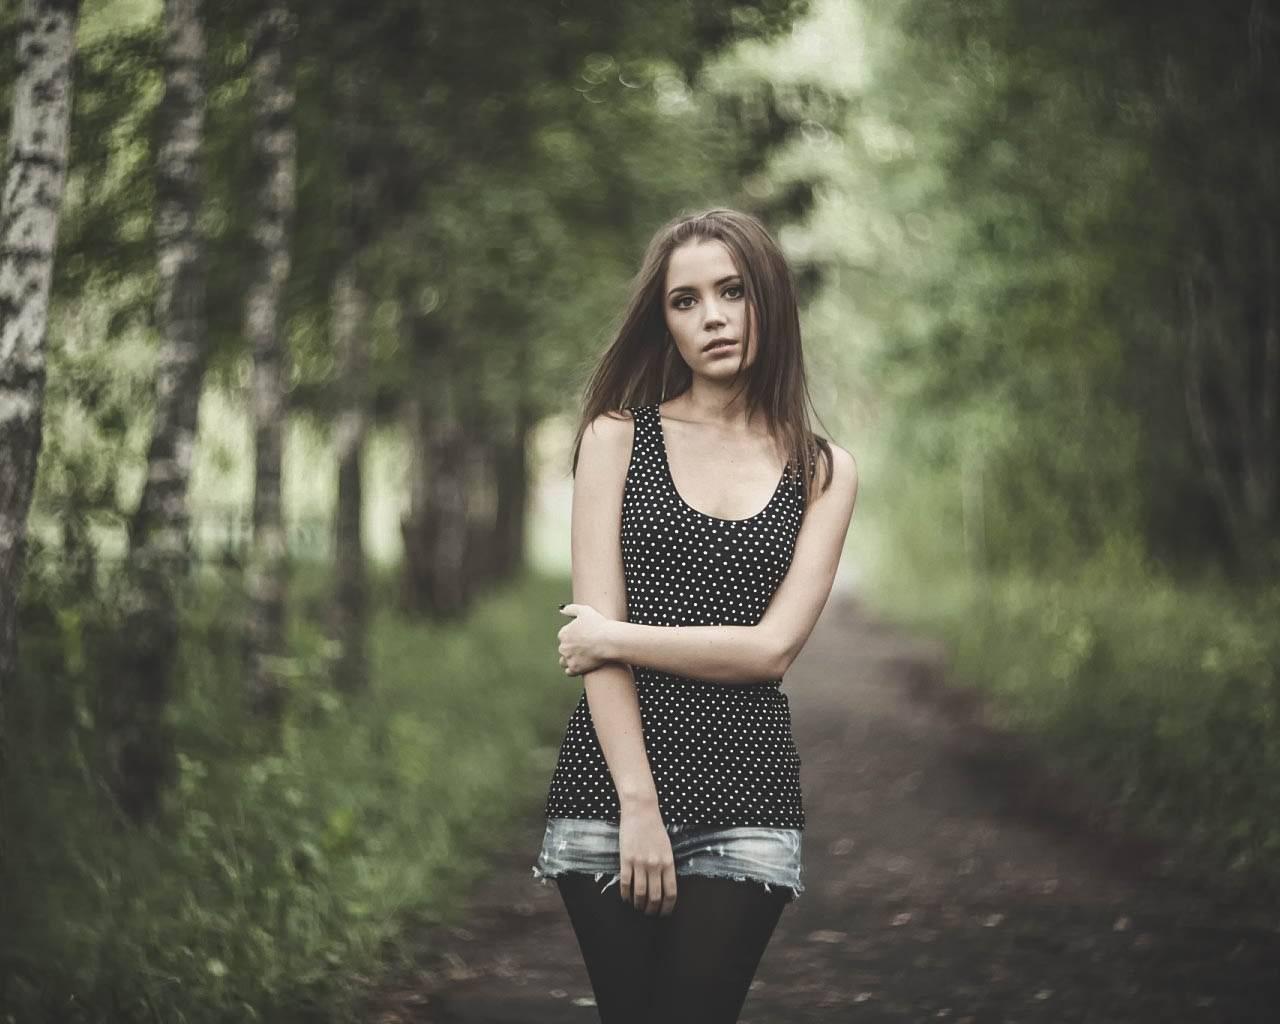 Пресеты для фотографов от Олега Королёва